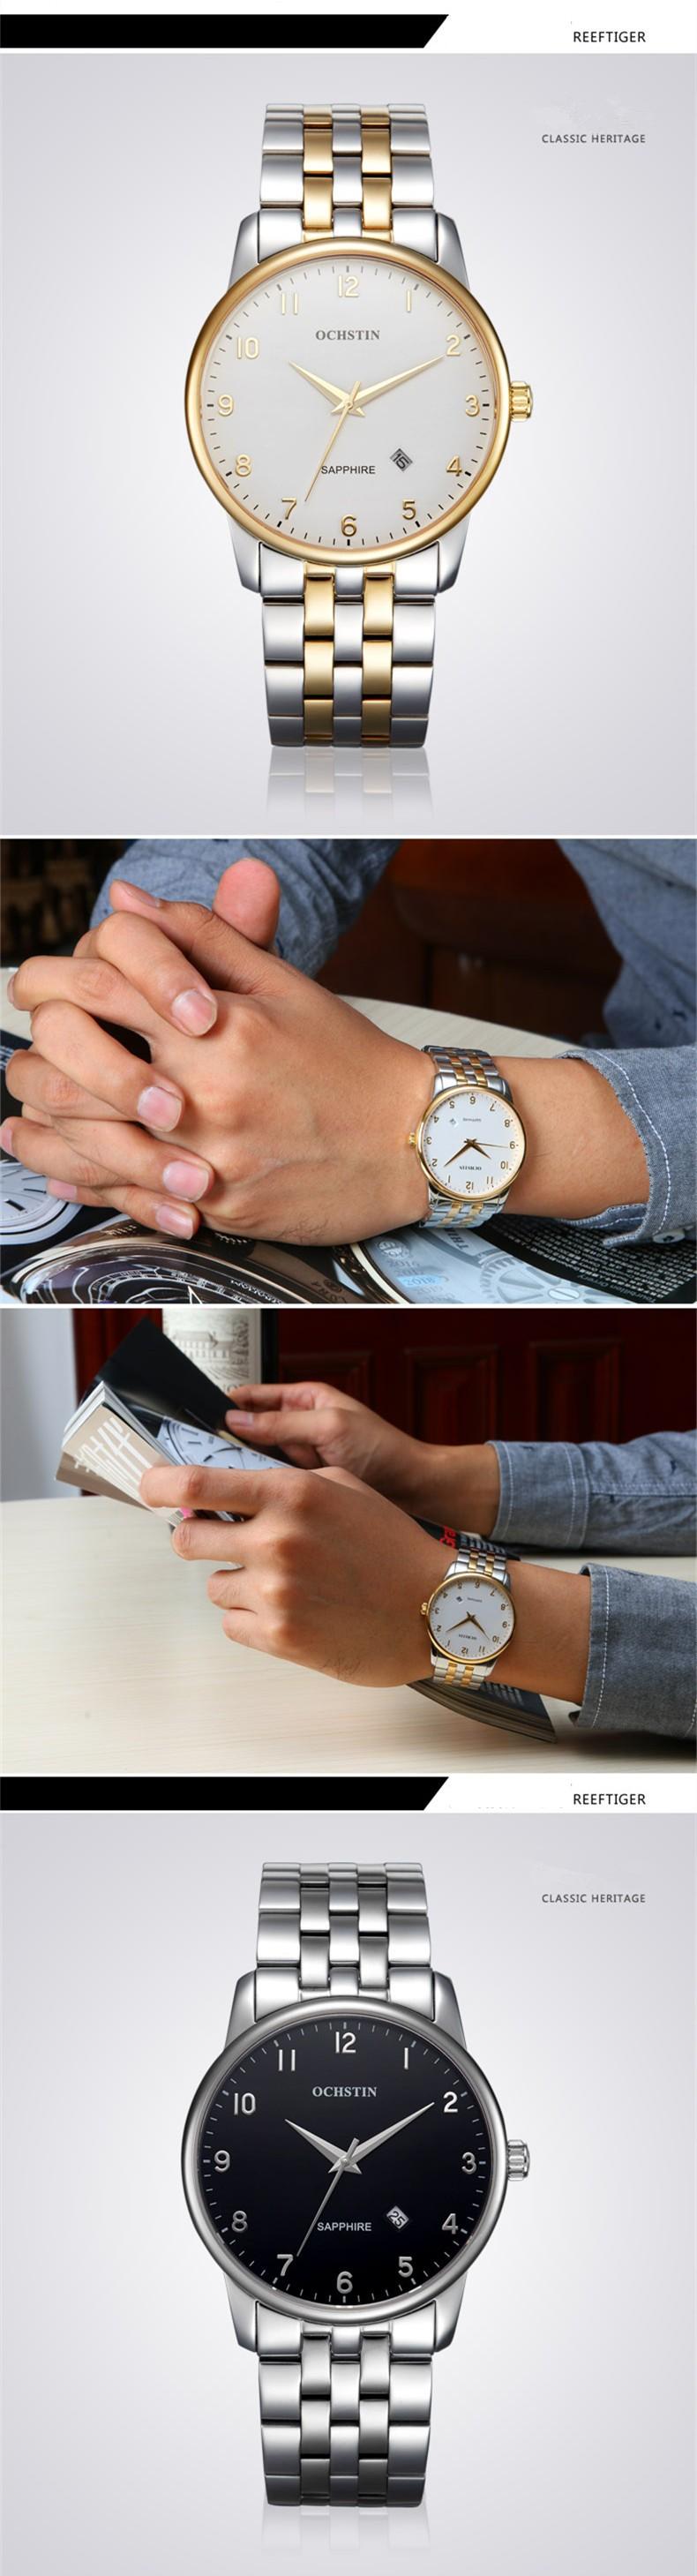 Элитная Марка Ochstin Бизнес Часы Мужчины 2016 Мода Авто Дата Кварцевые Часы Повседневная Наручные Часы Relogio Masculino Горячий Подарок